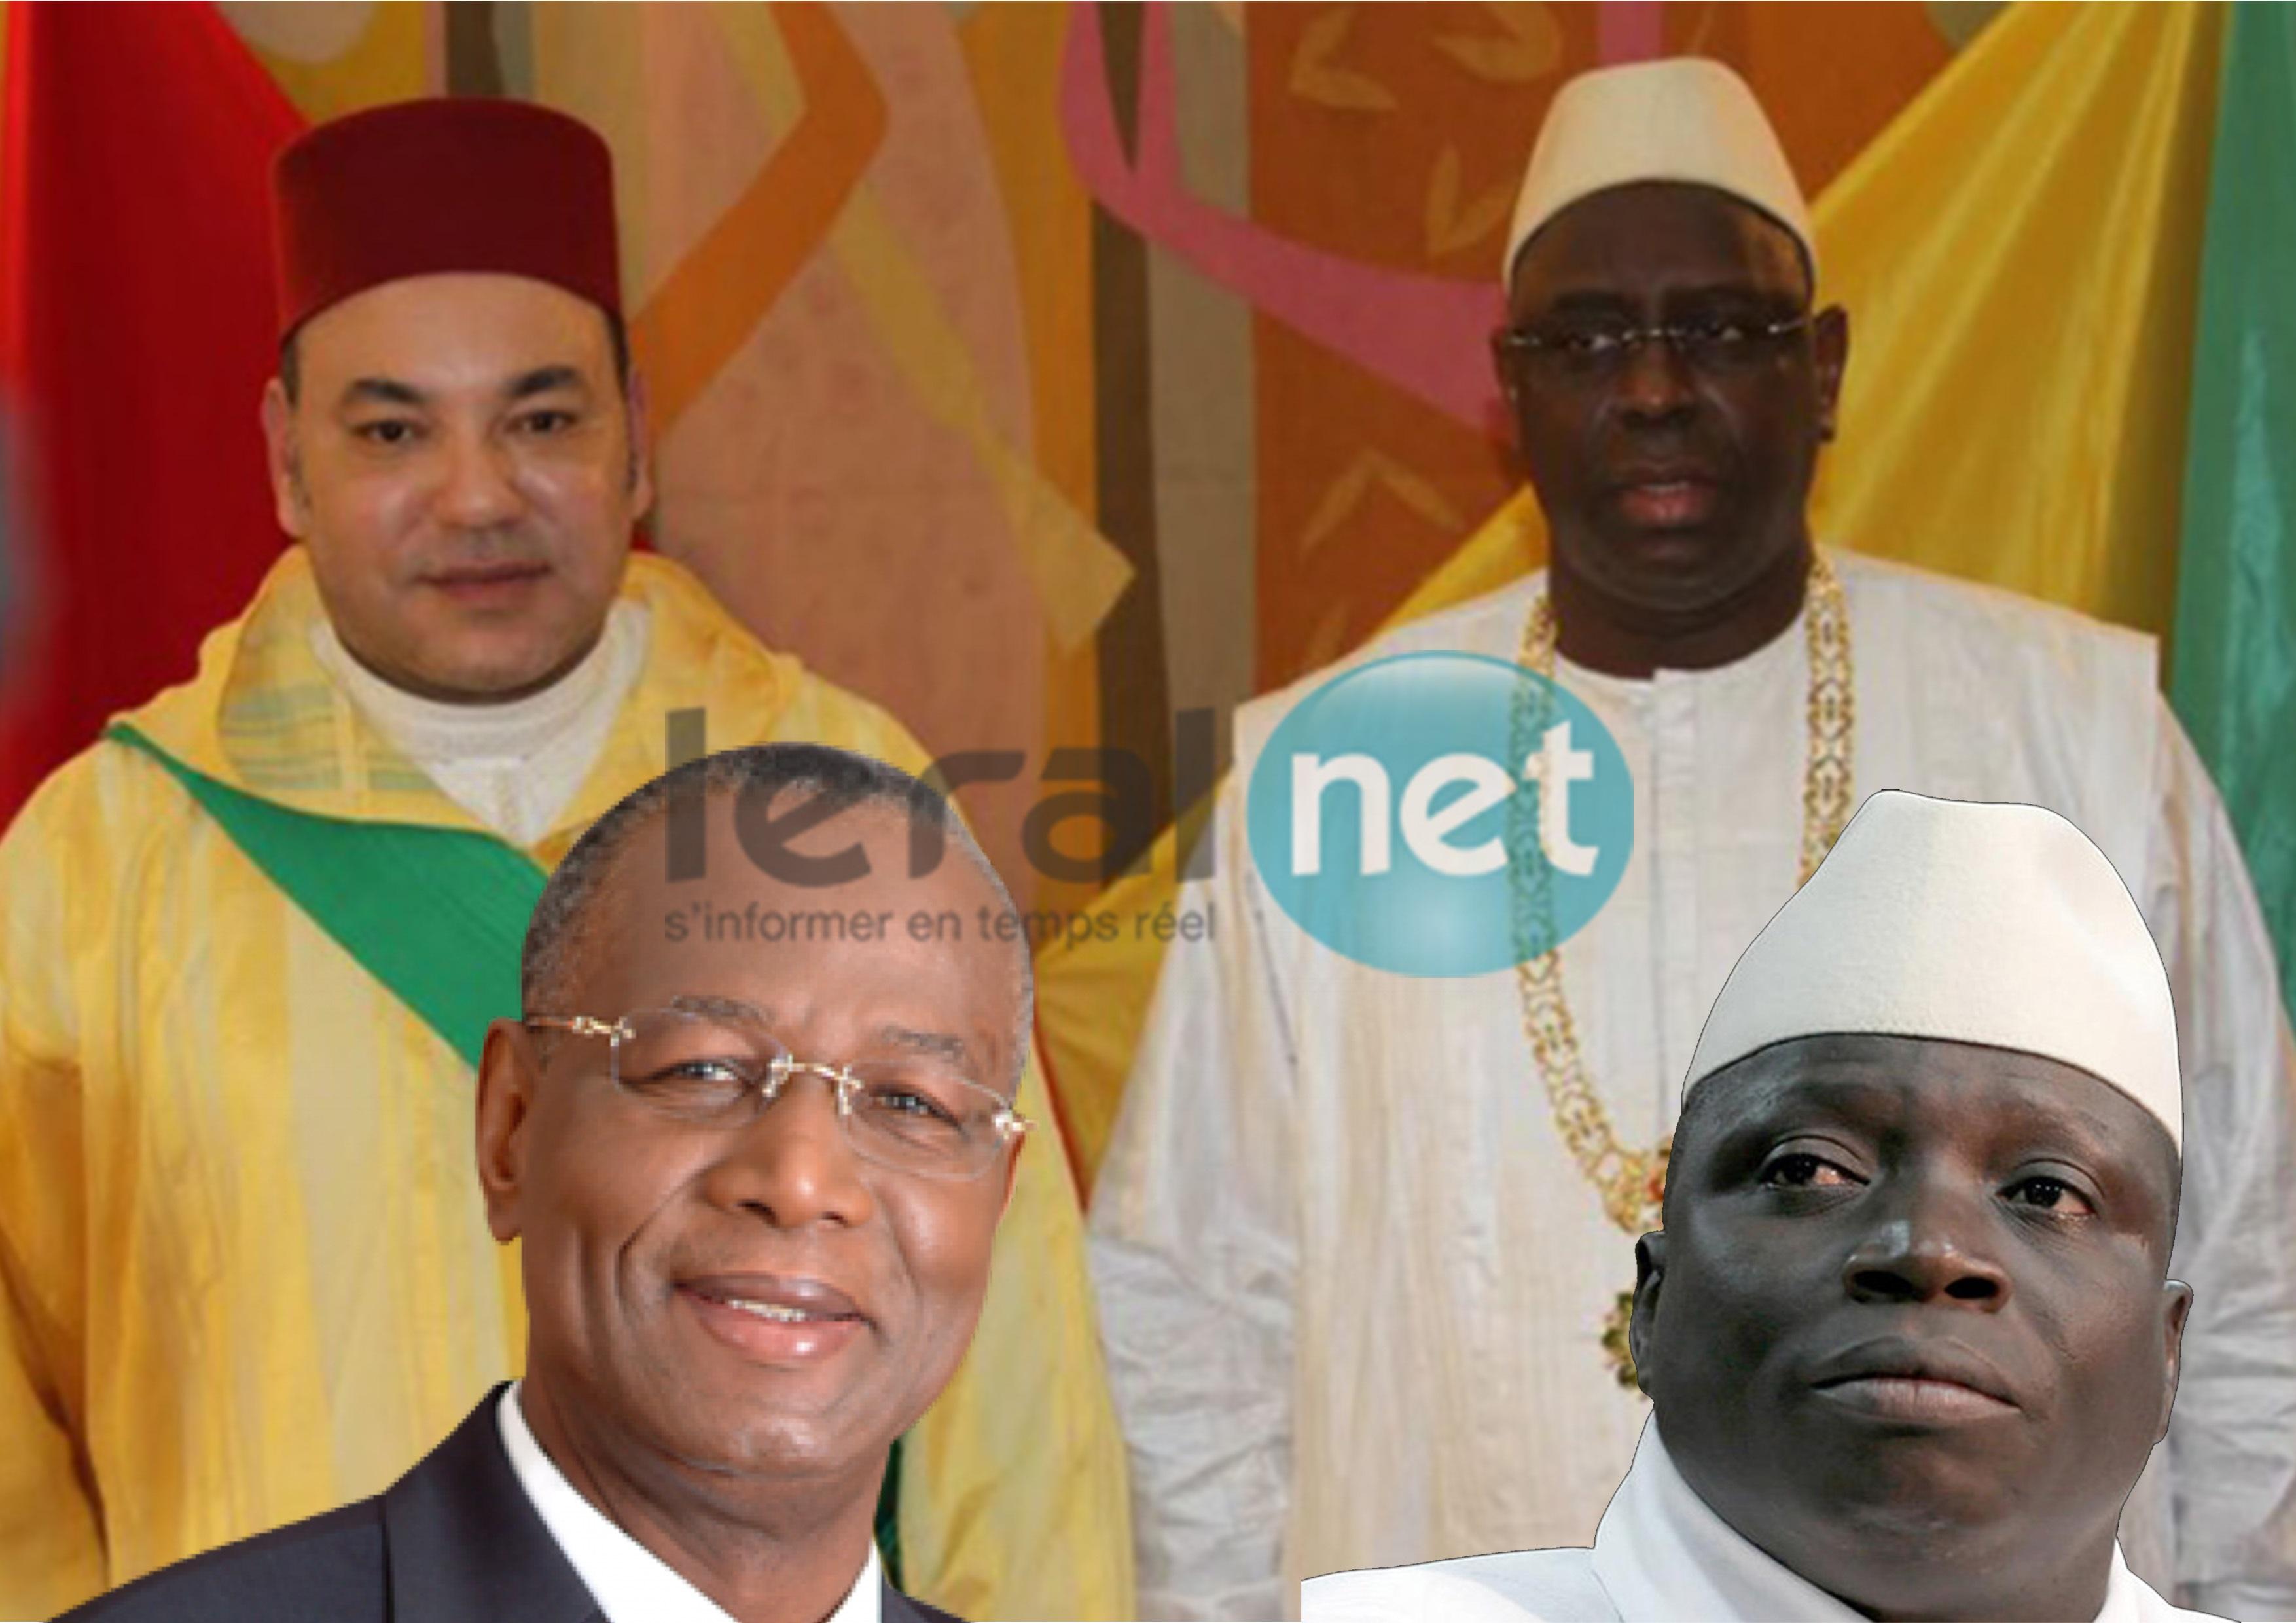 Décryptage Leral -Retour Maroc dans l'UA et crise gambienne: Abdoulaye Bathily, le coup de Jarnac tchadien et « l'échec » diplomatique sénégalais